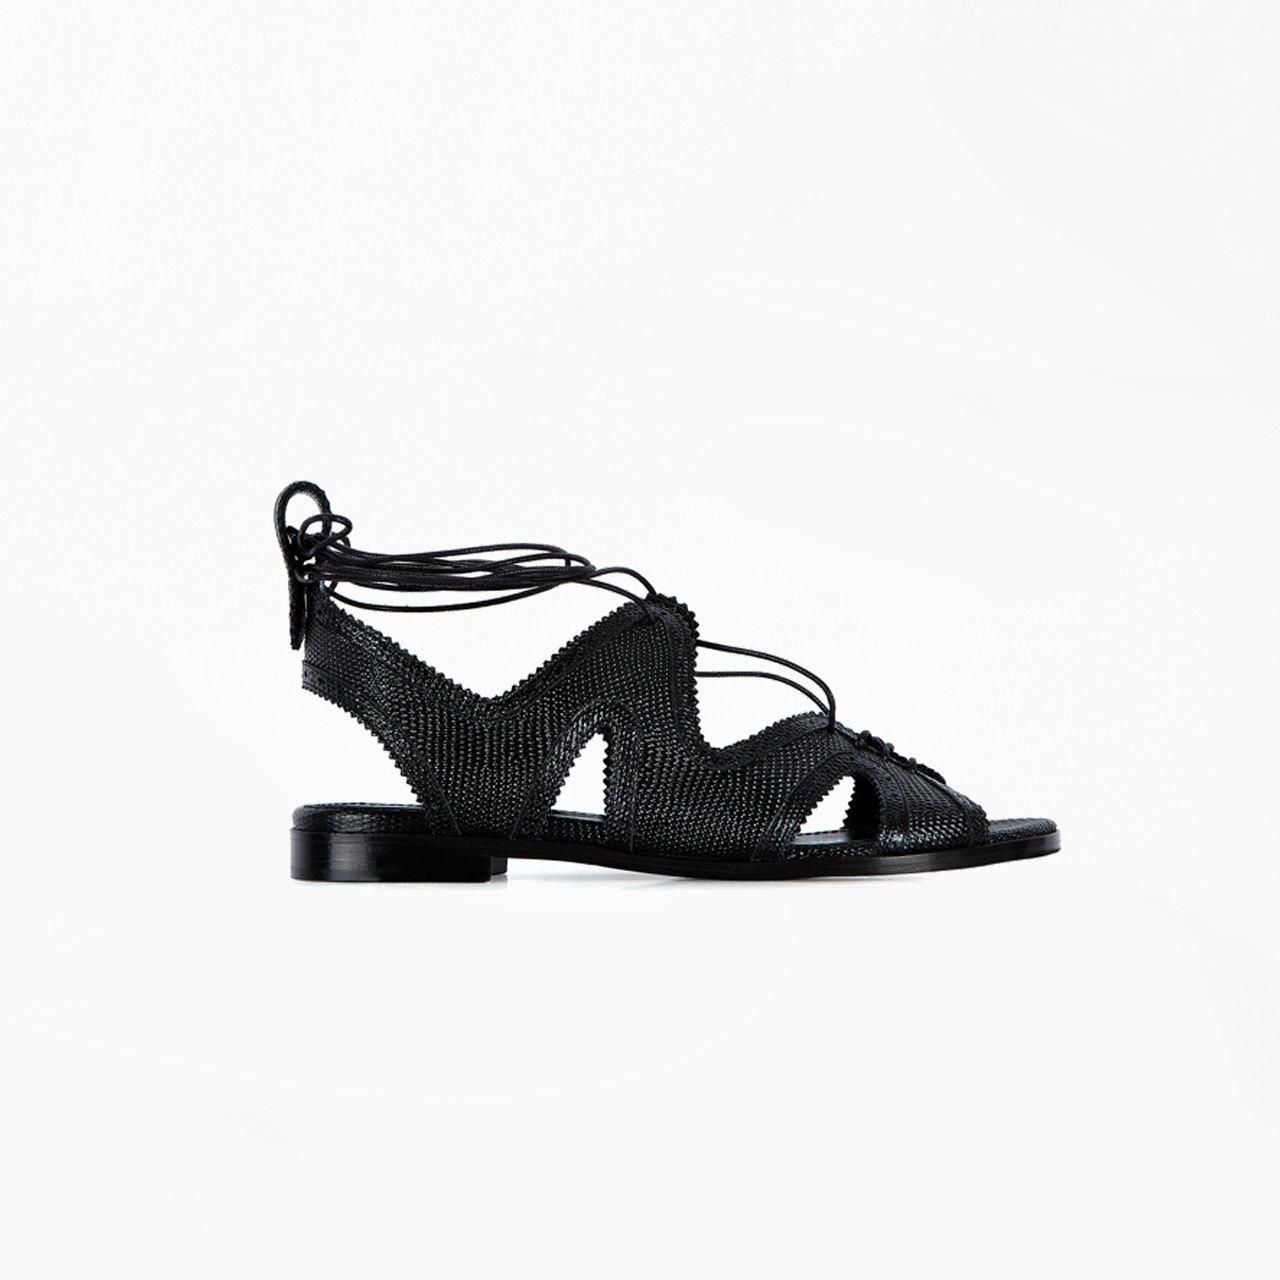 Black Sandals Black Ankle Strap Flat Sandals